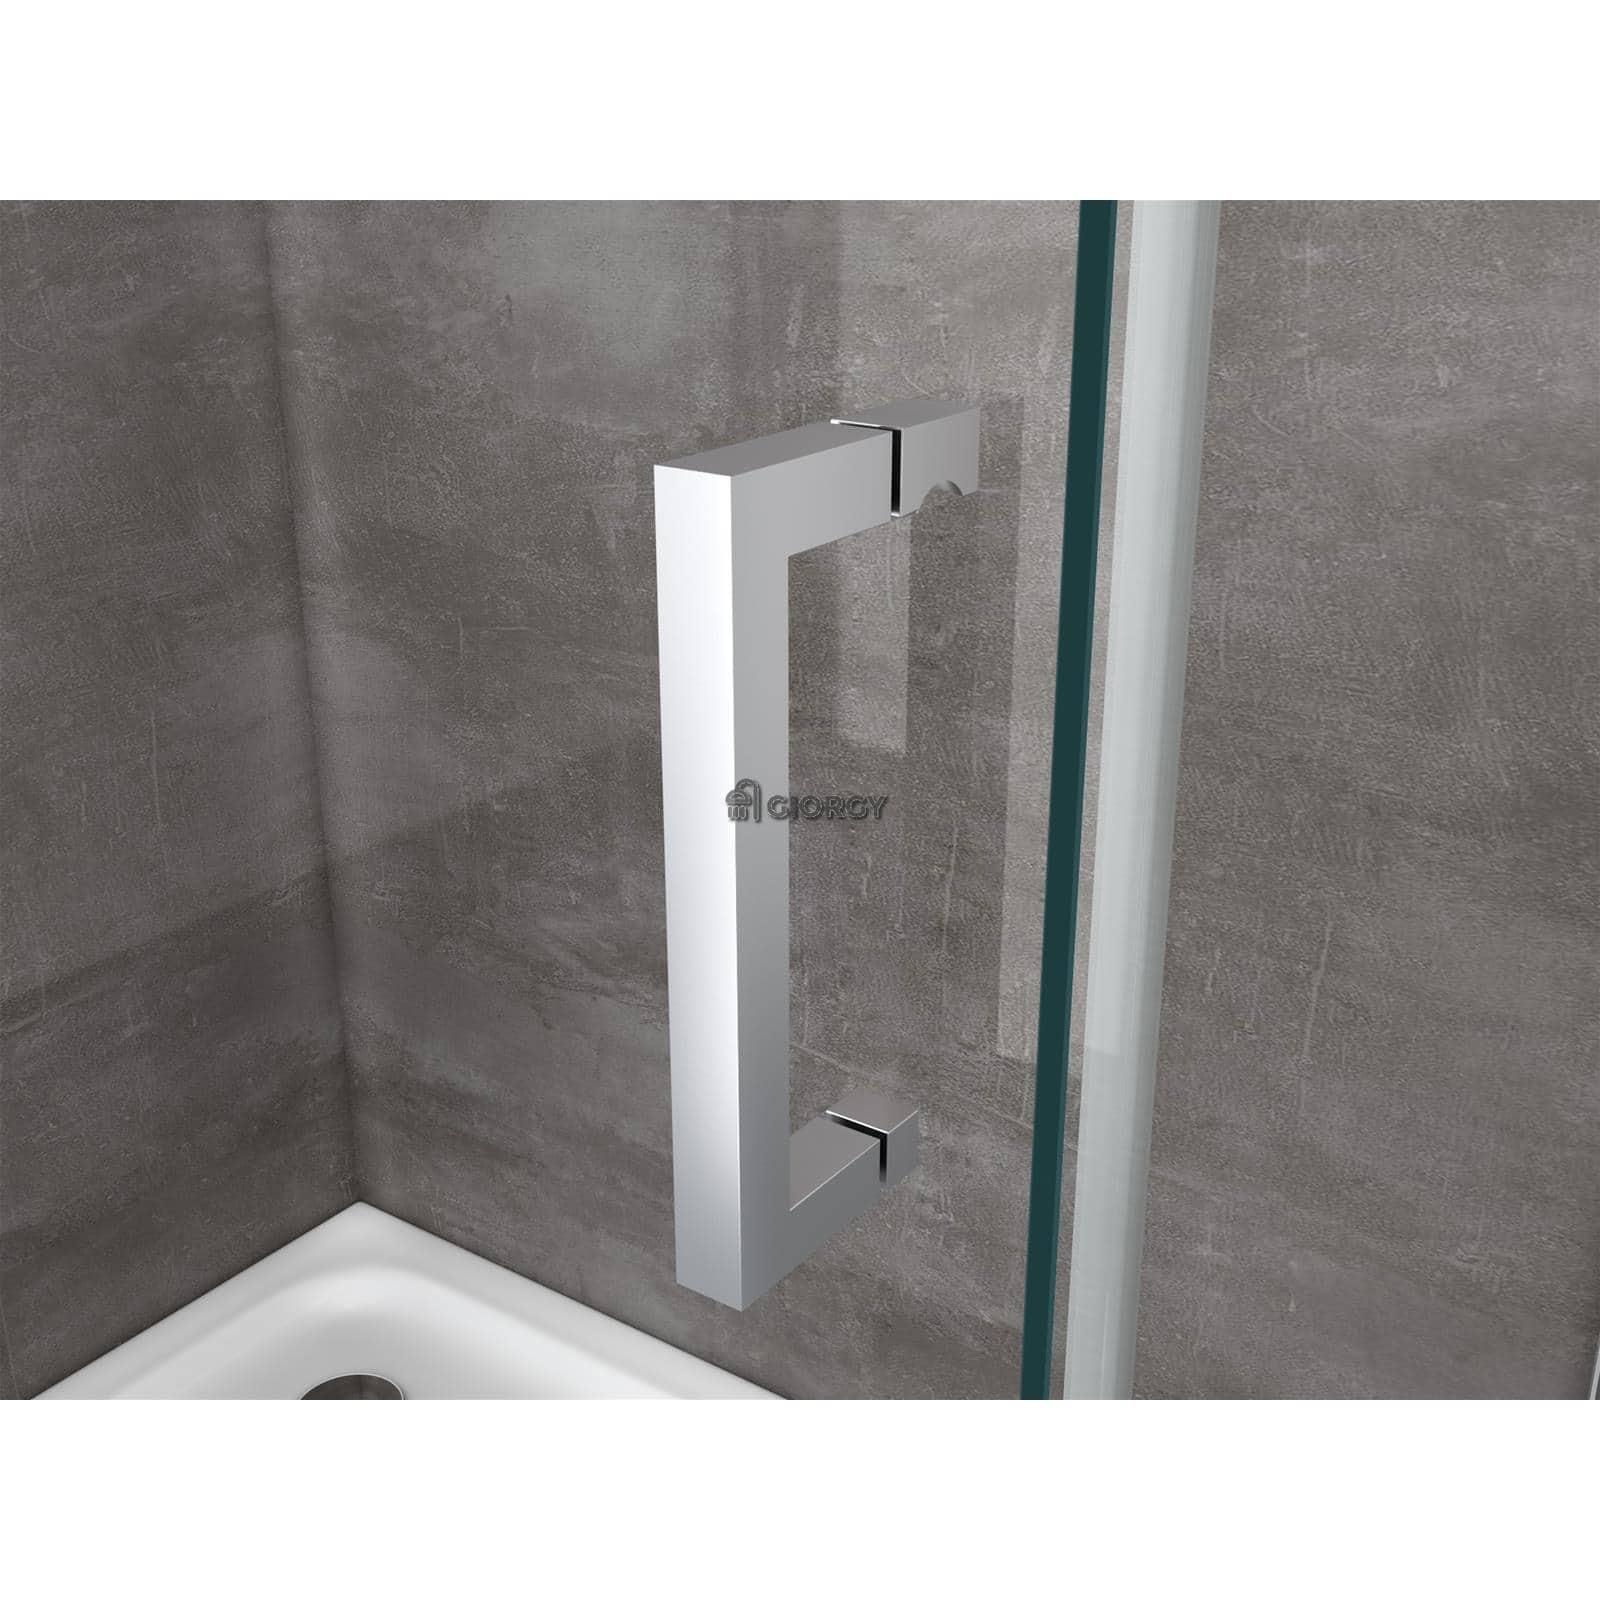 Box doccia 8 mm cristallo fisso porta anta scorrevole cabina bagno anticalcare - Porta scorrevole per bagno ...